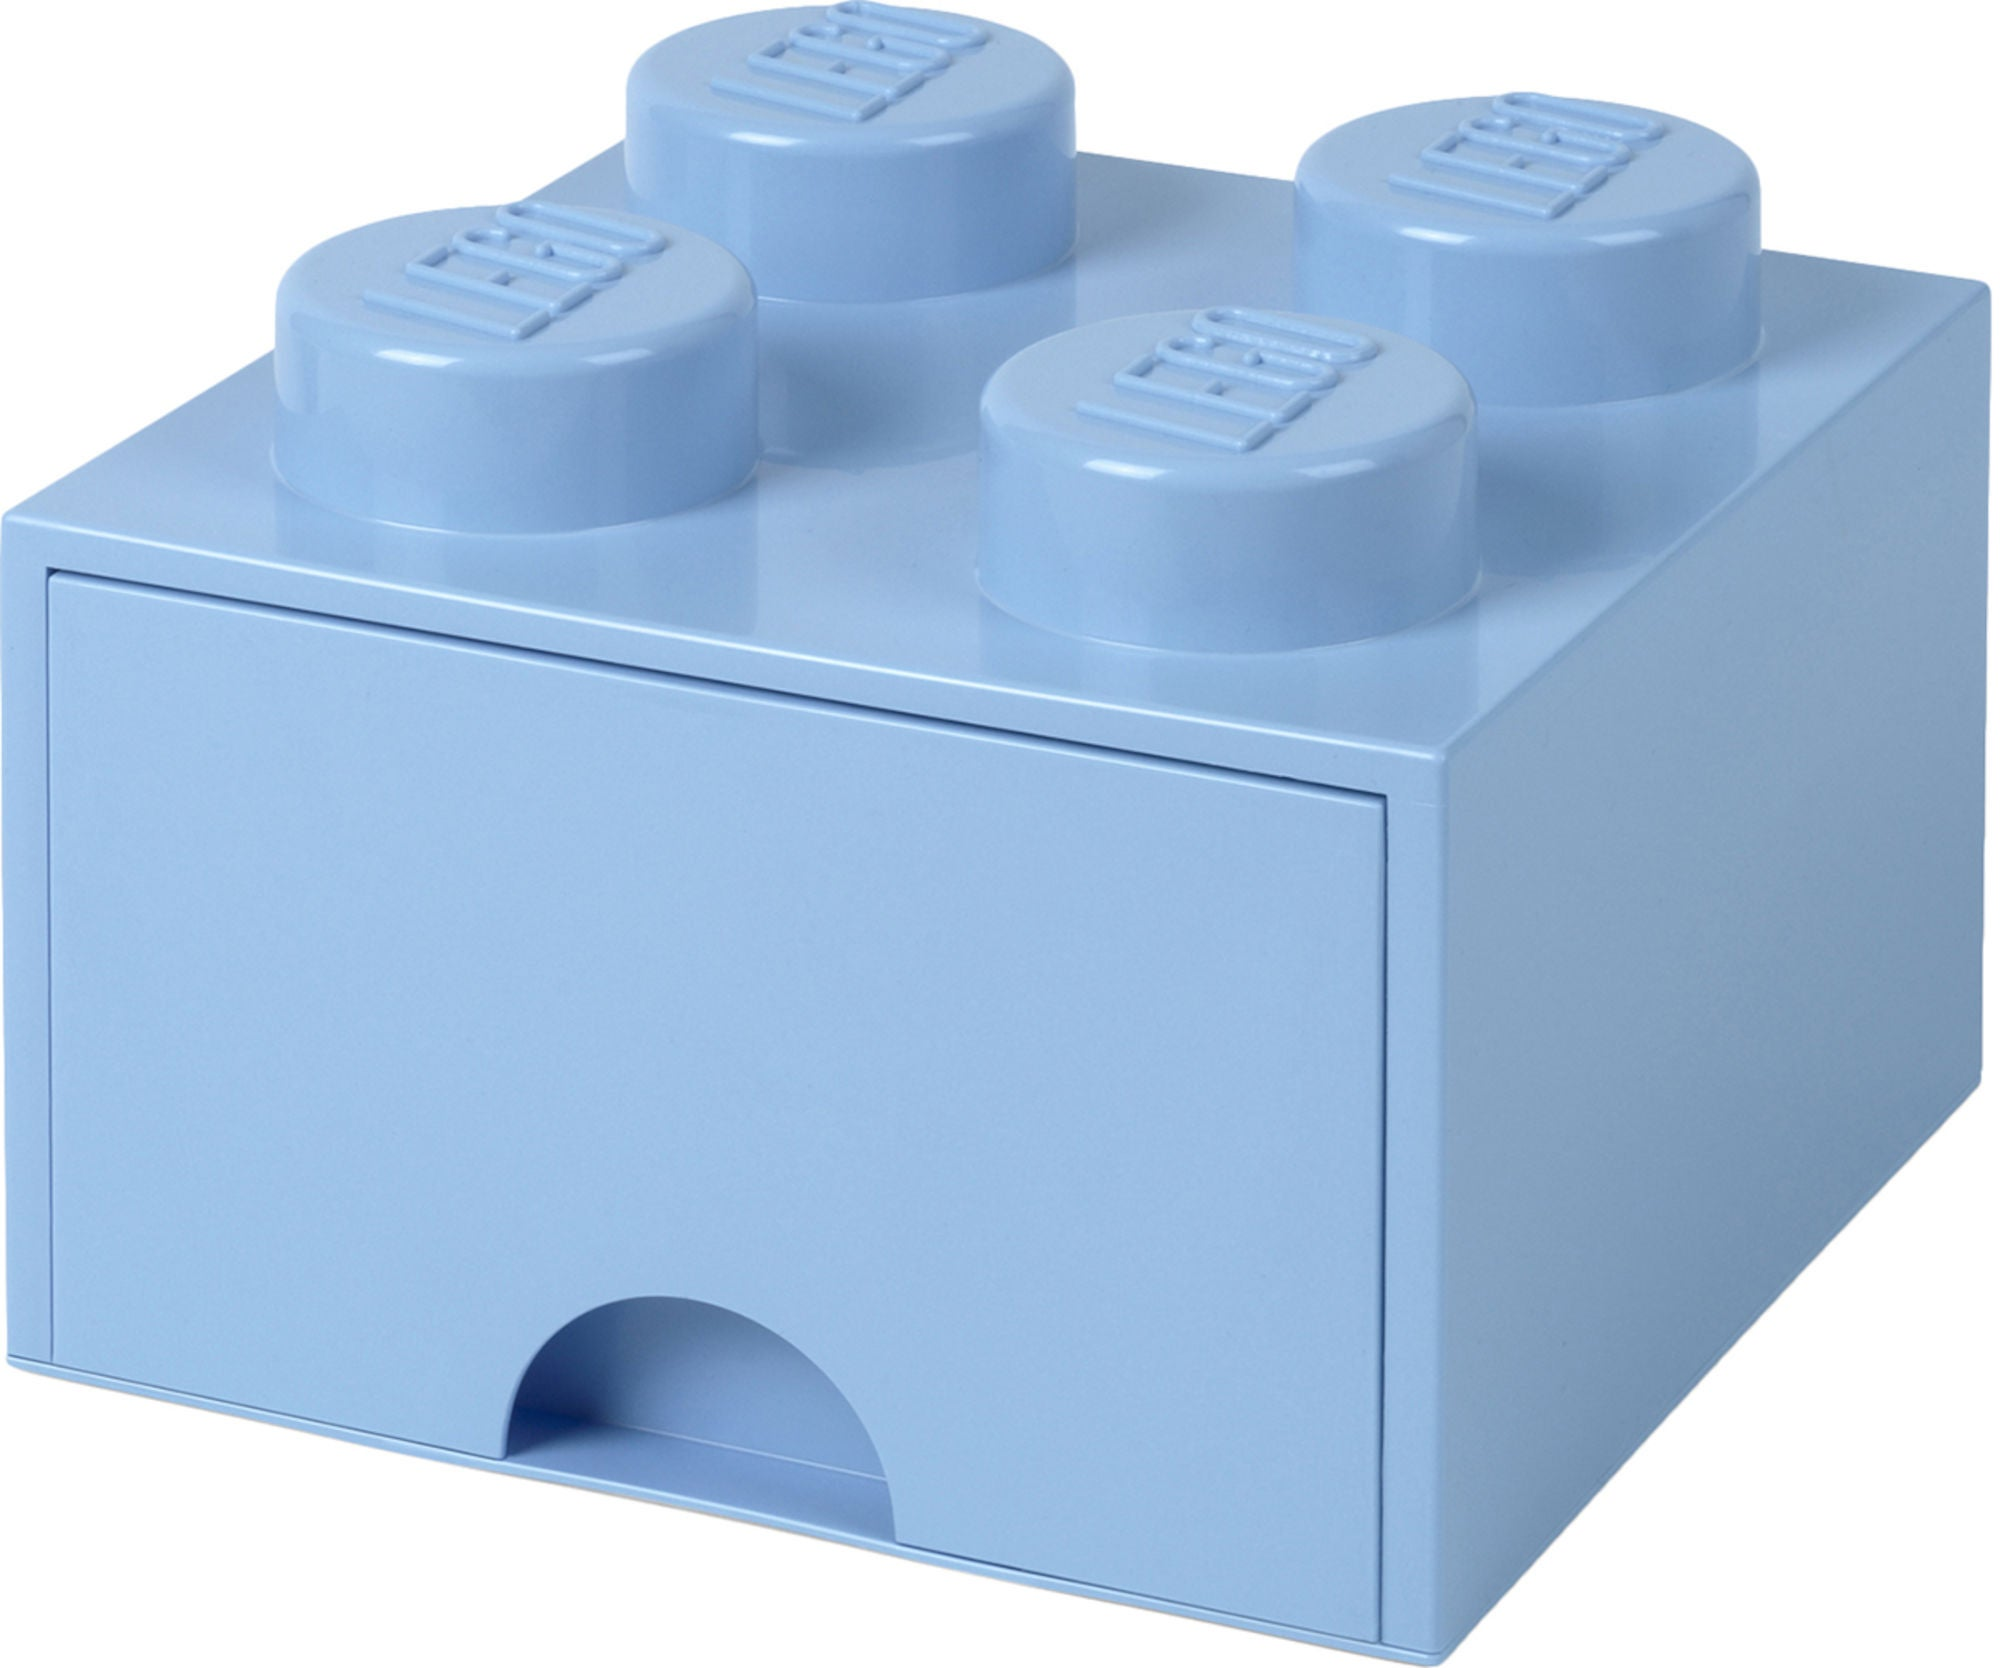 LEGO Förvaring med låda 4, Ljusblå